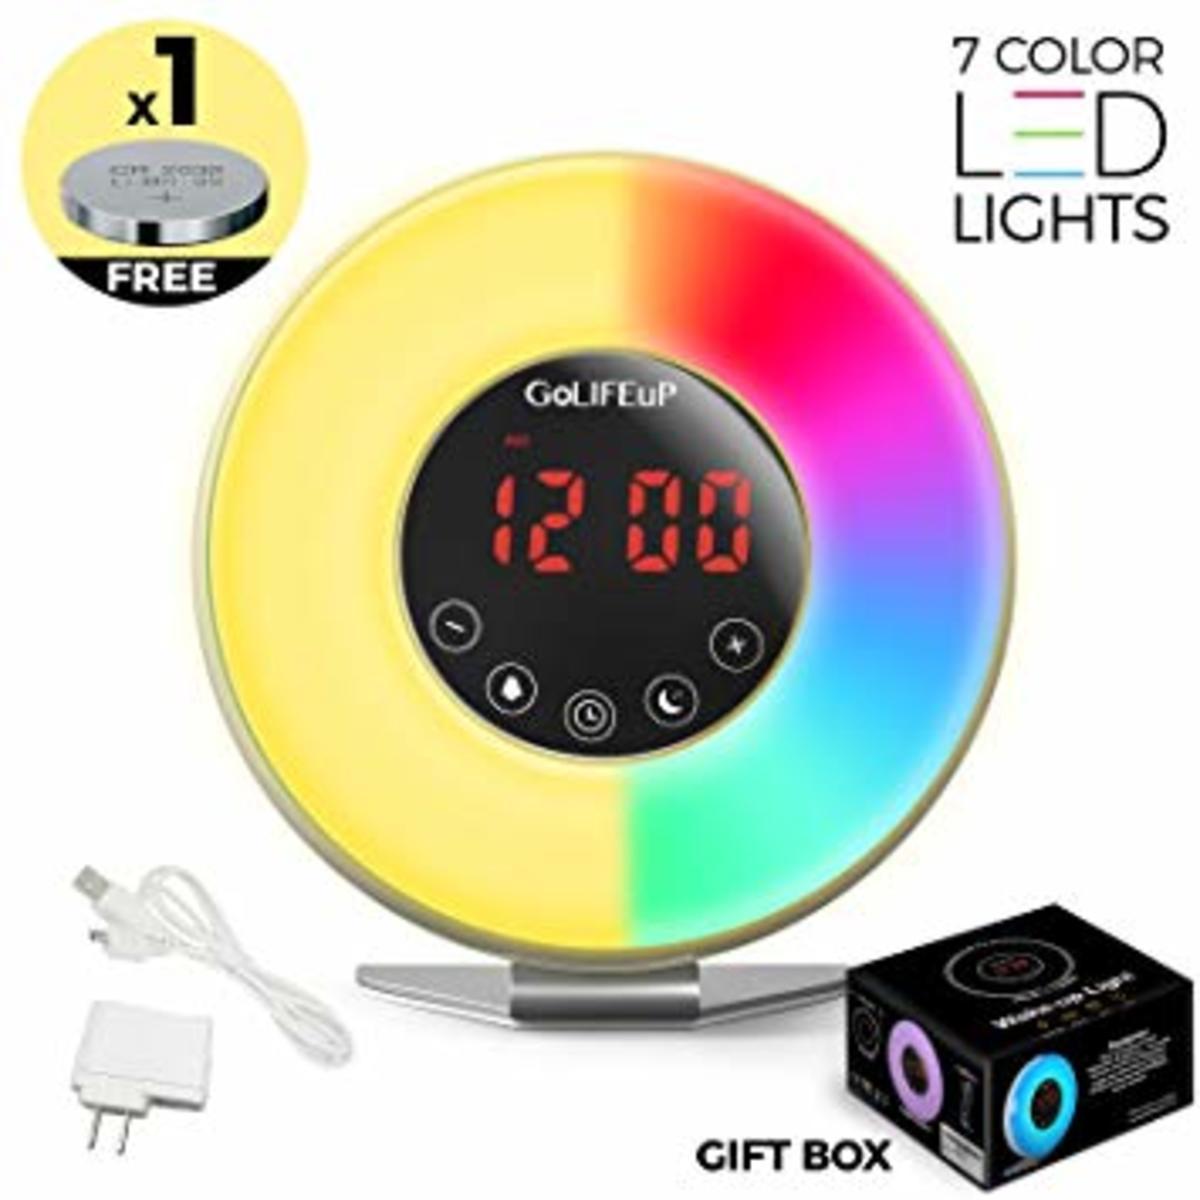 Best Alarm Clock for Tweens